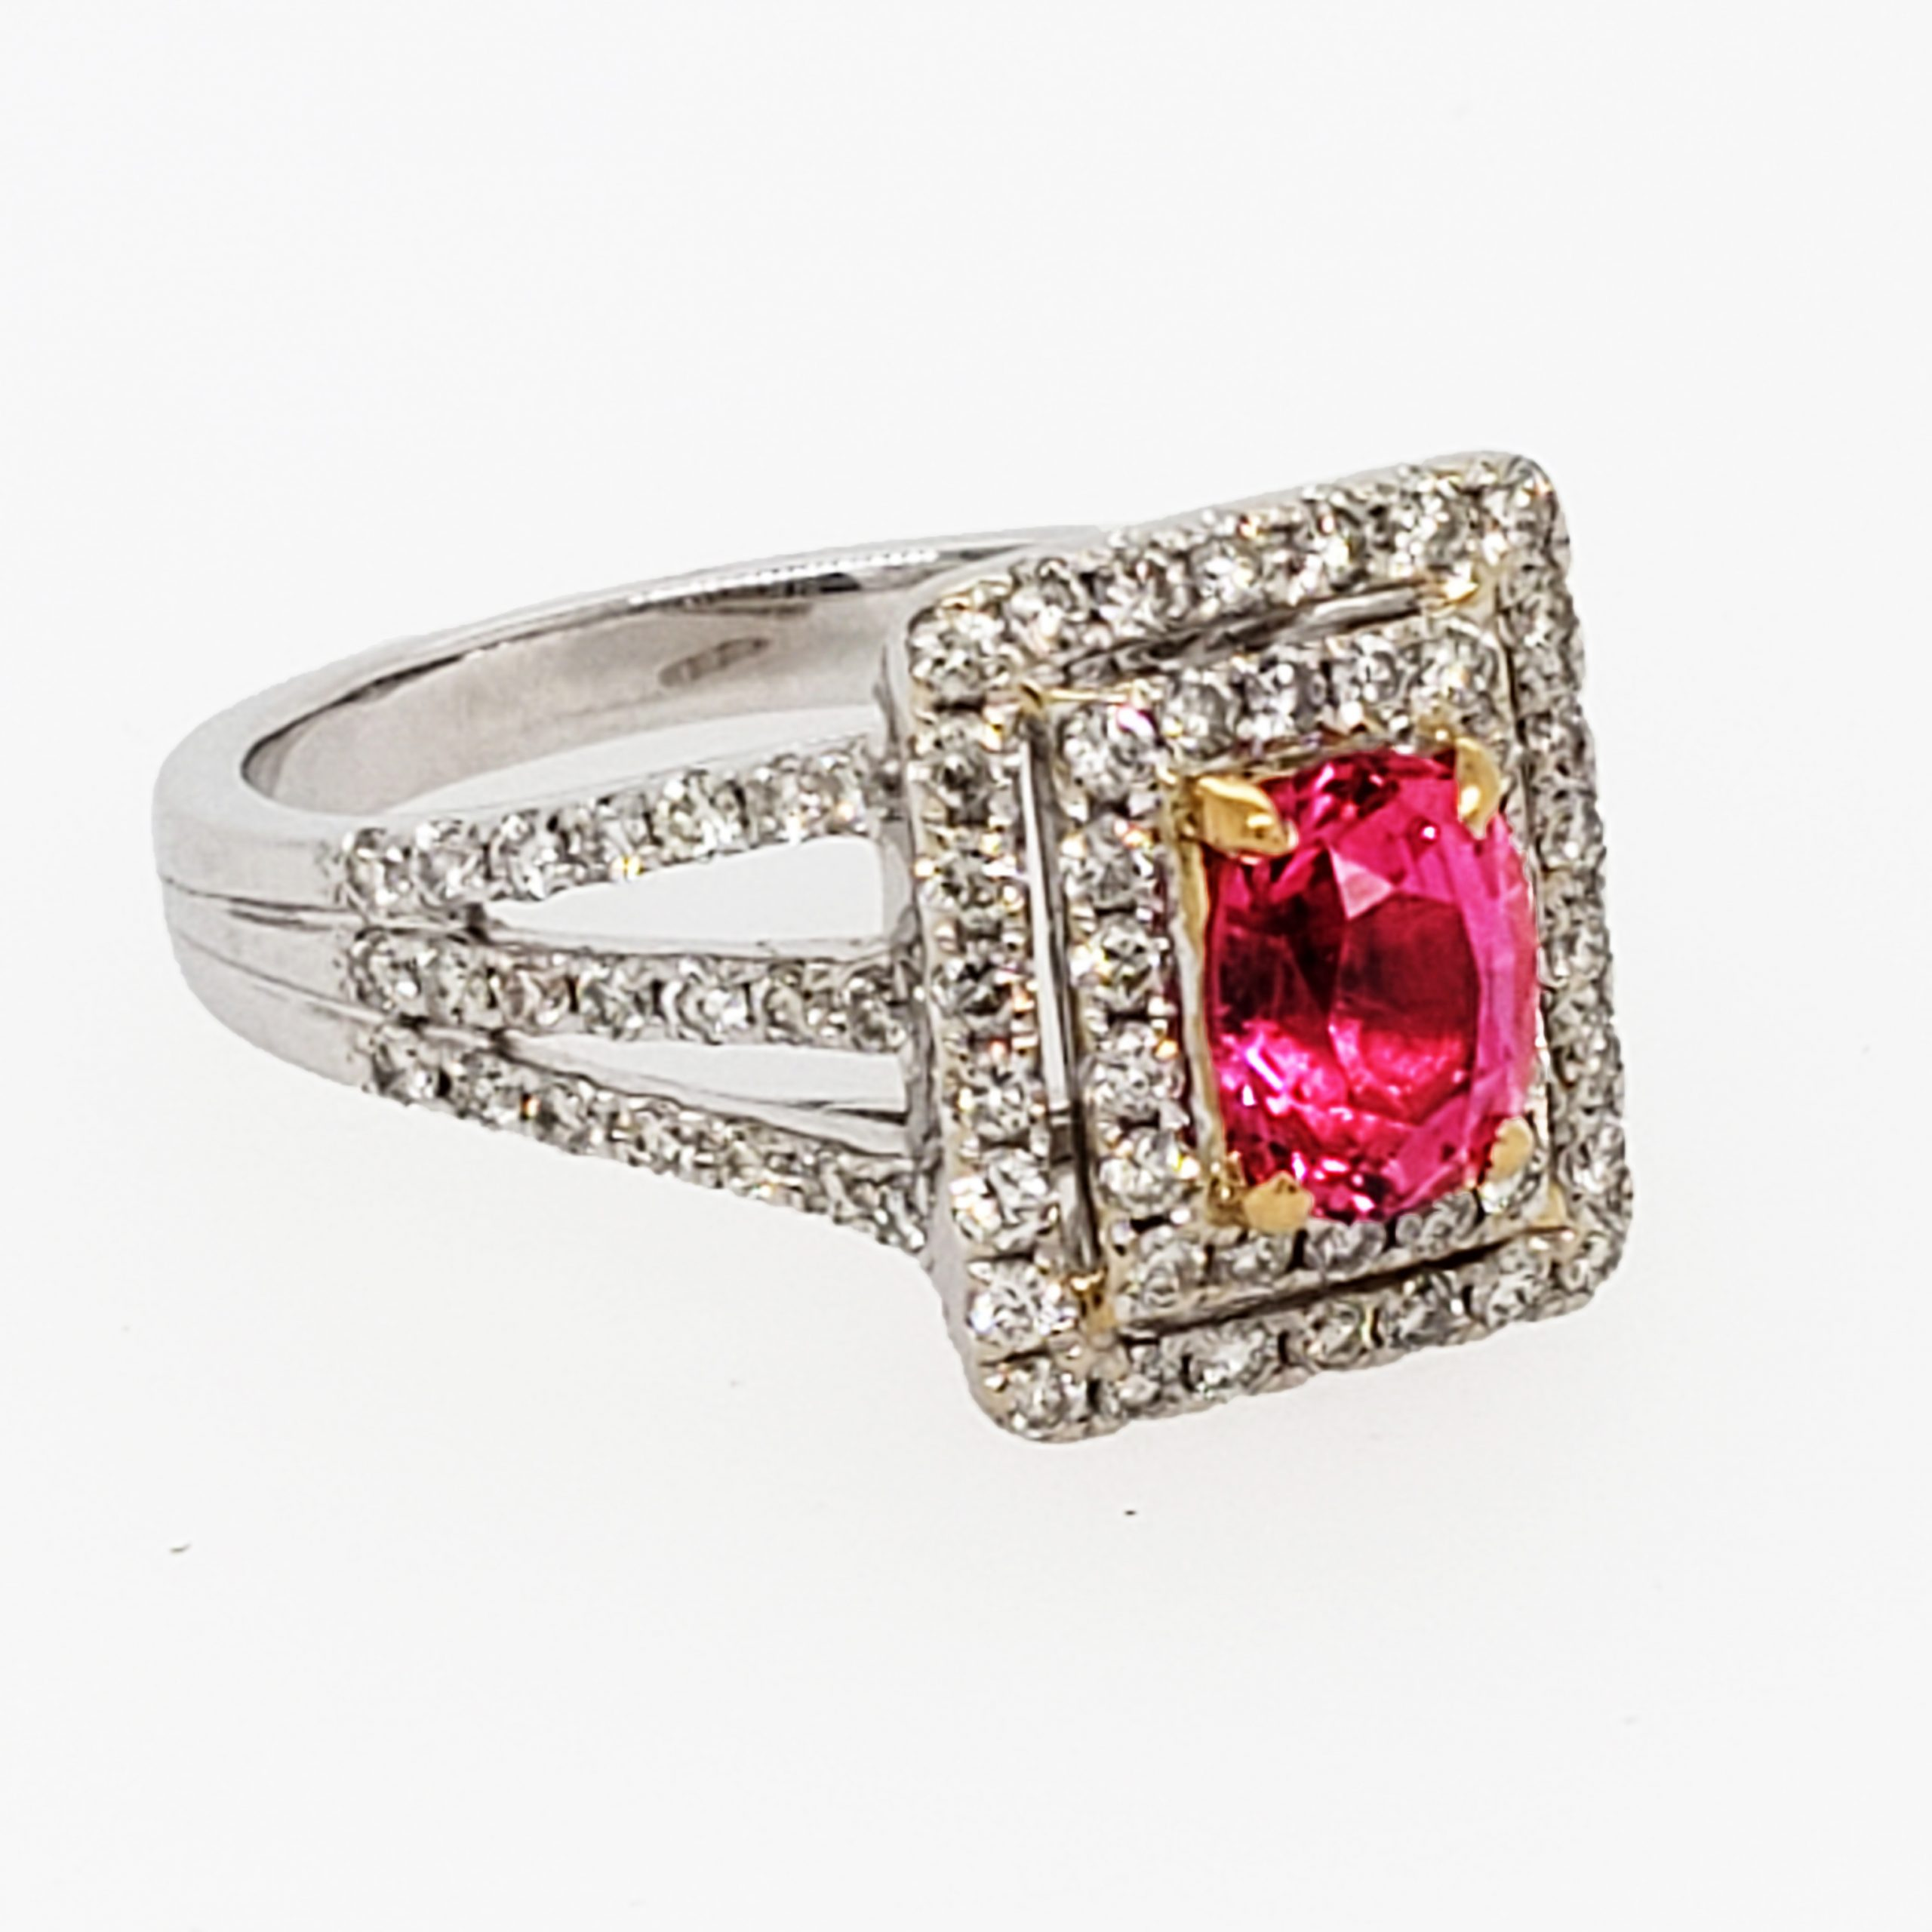 .95 ct. Pink Ruby 18k wg Ring